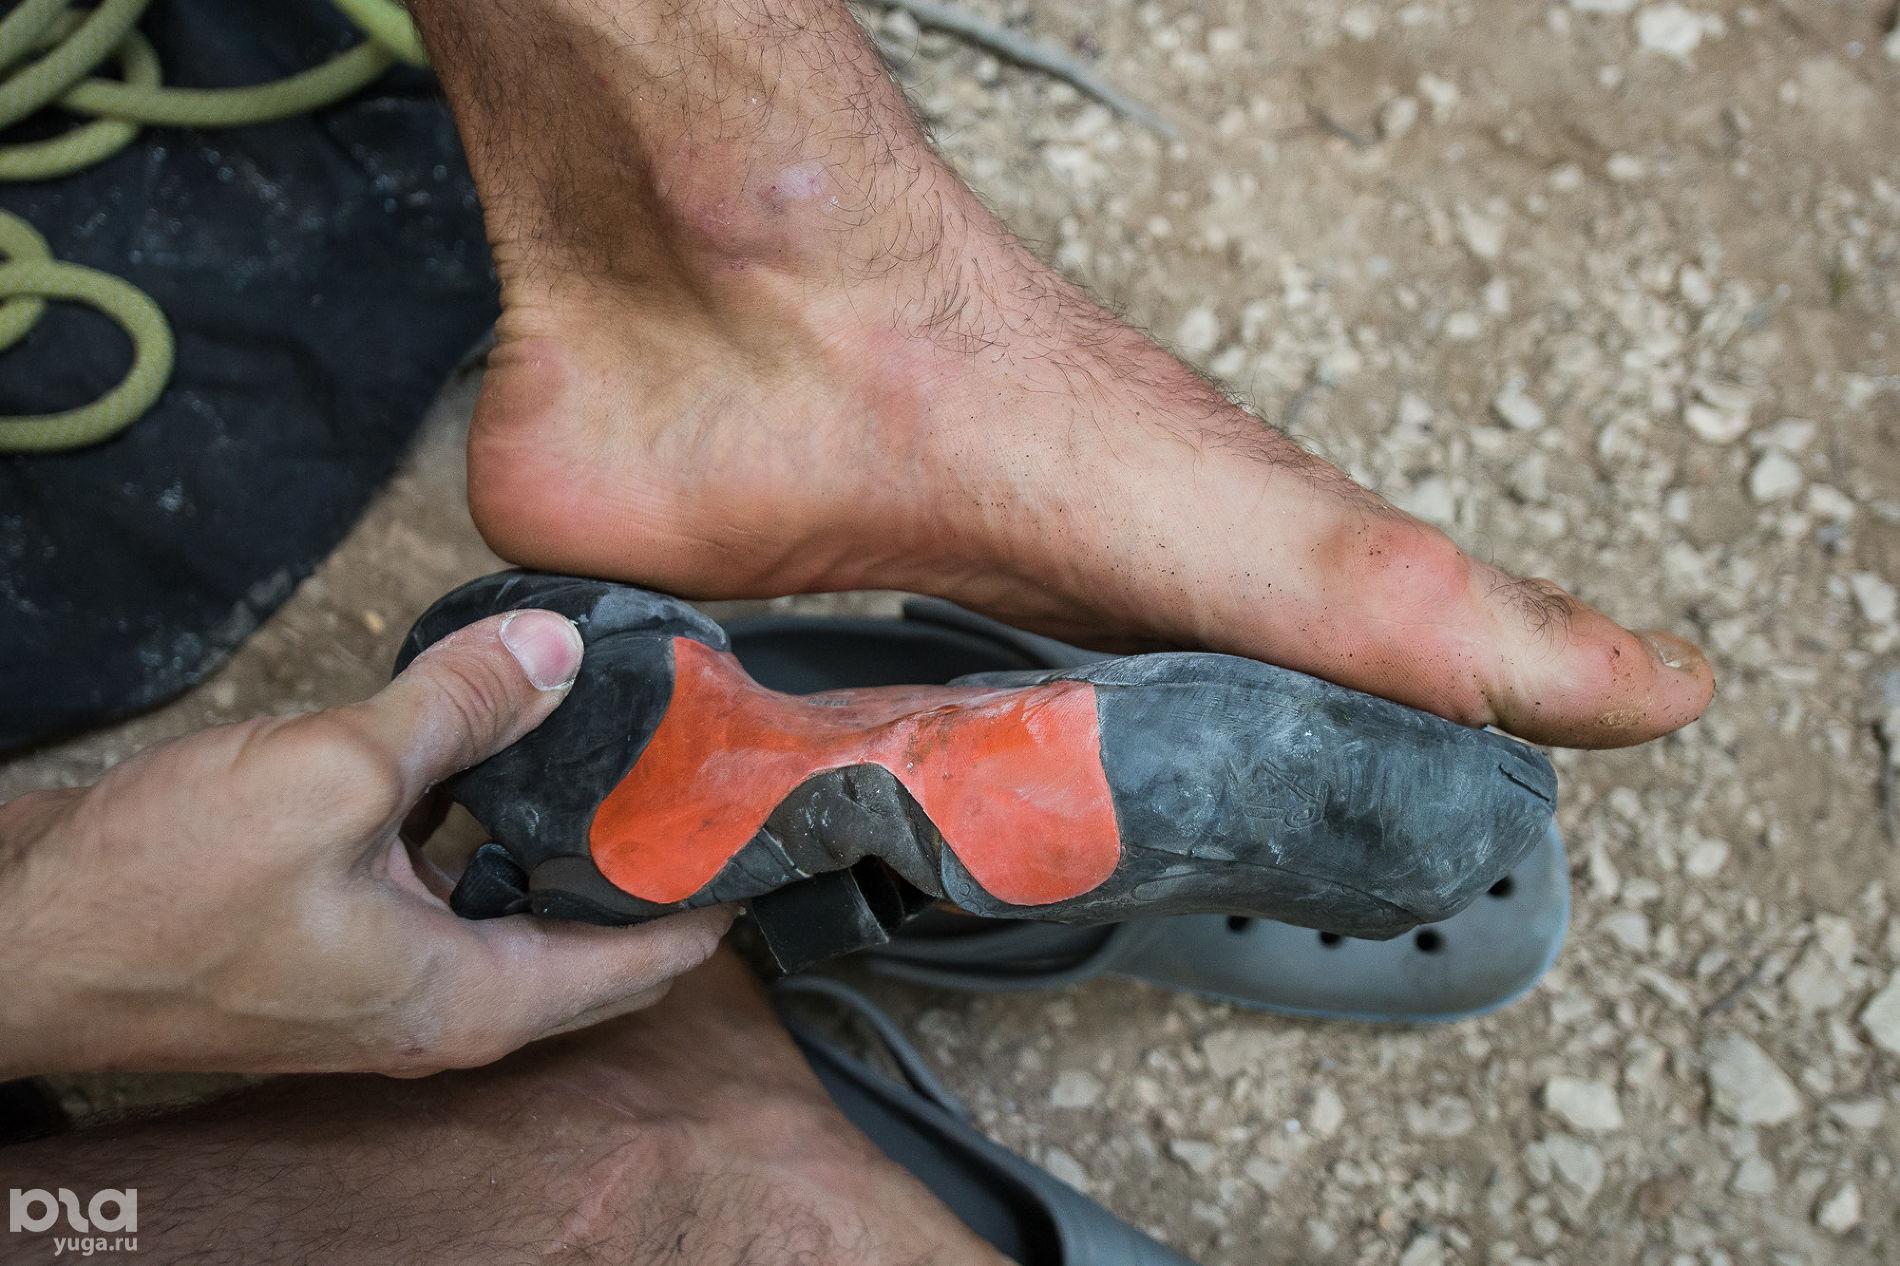 Сравнение размера ноги и обуви для скалолазания © Фото Елены Синеок, Юга.ру